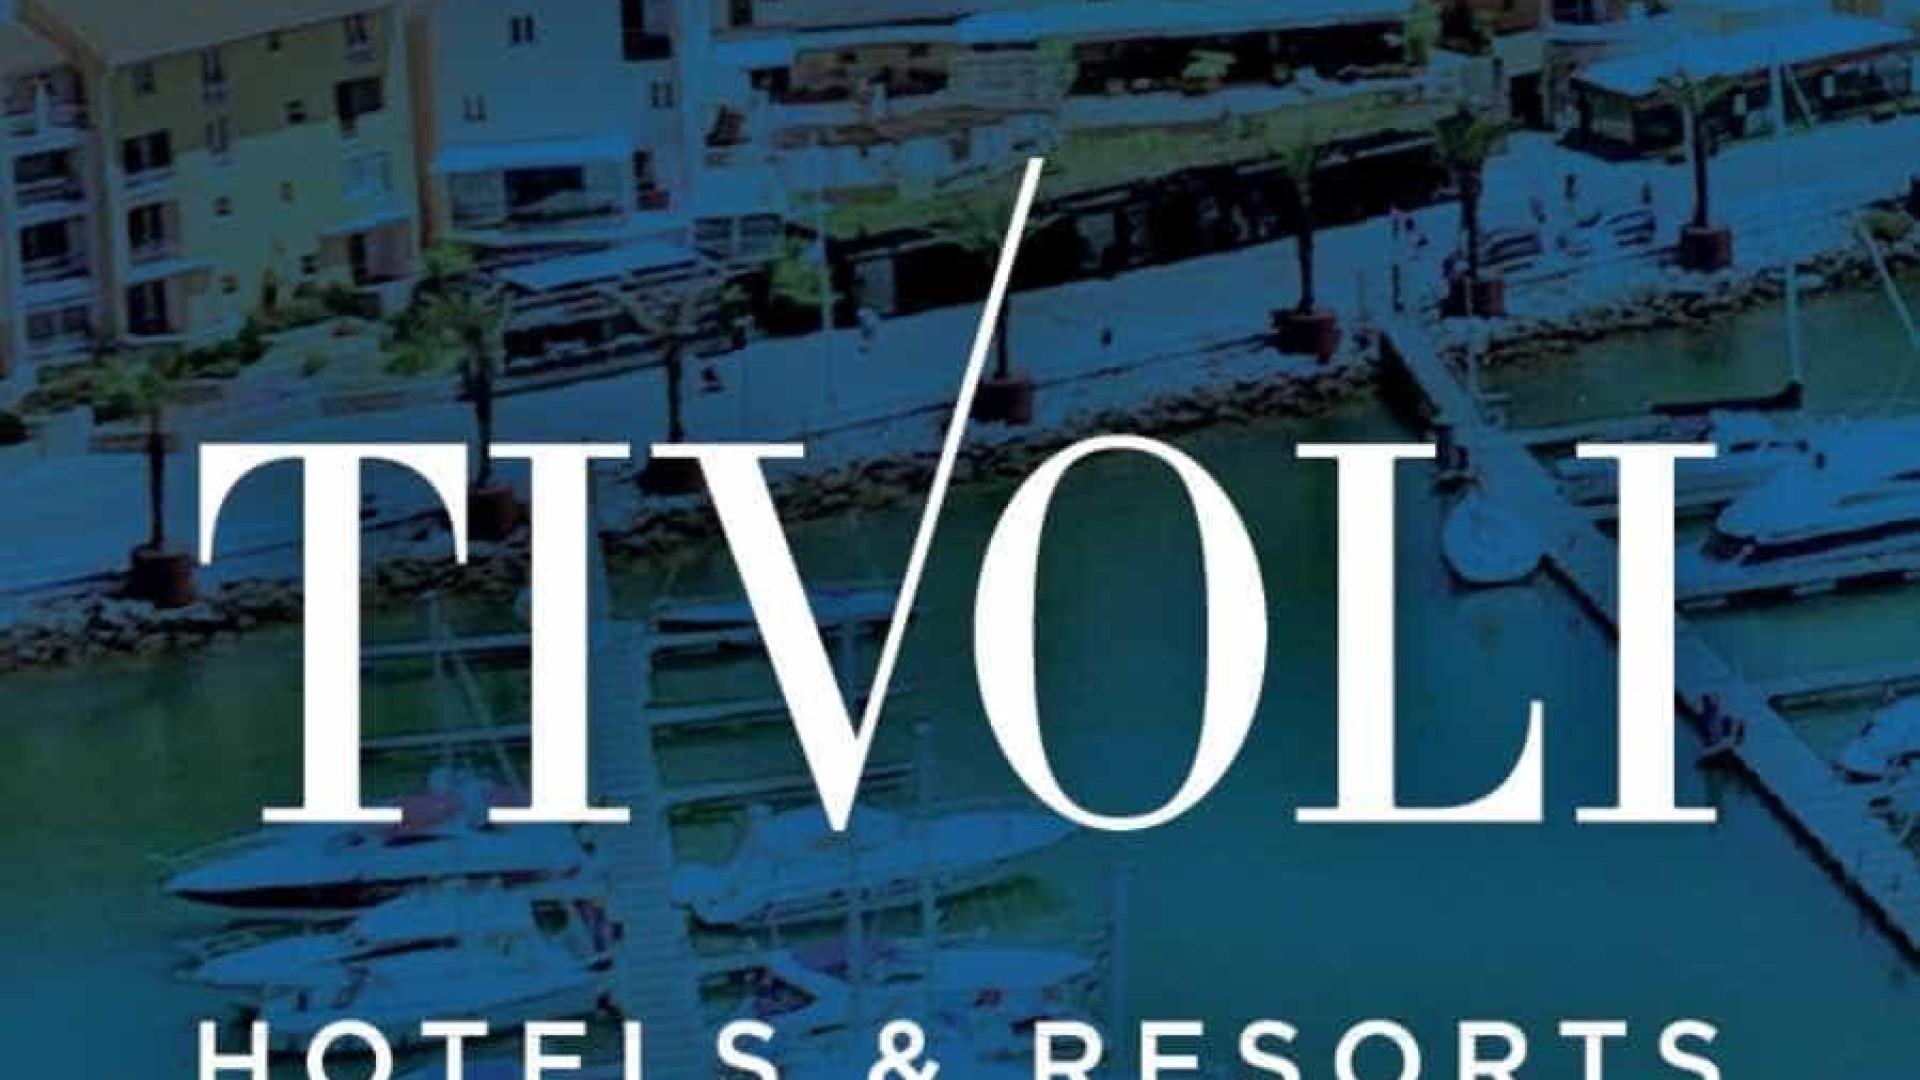 Tivoli está a recrutar. Há 300 vagas em todo o país